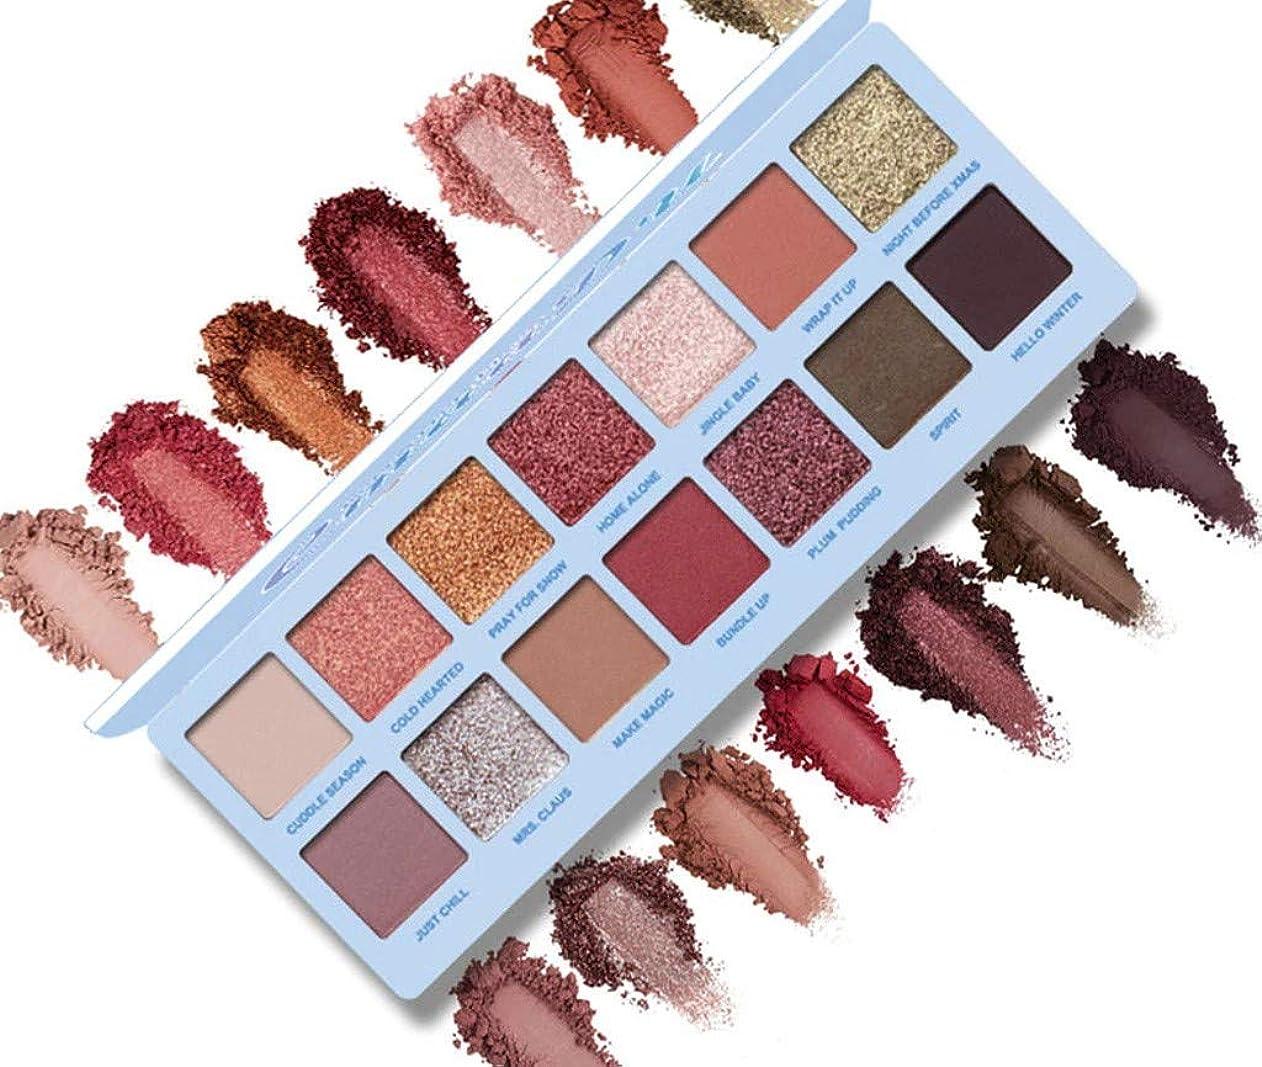 無駄な治すあなたが良くなります14 Color Nude Shining Eyeshadow Palette Waterproof Smoky Eye Shadow Pallete Matt Powder Cosmetics Lidschatten by Ni Yom Thai shop